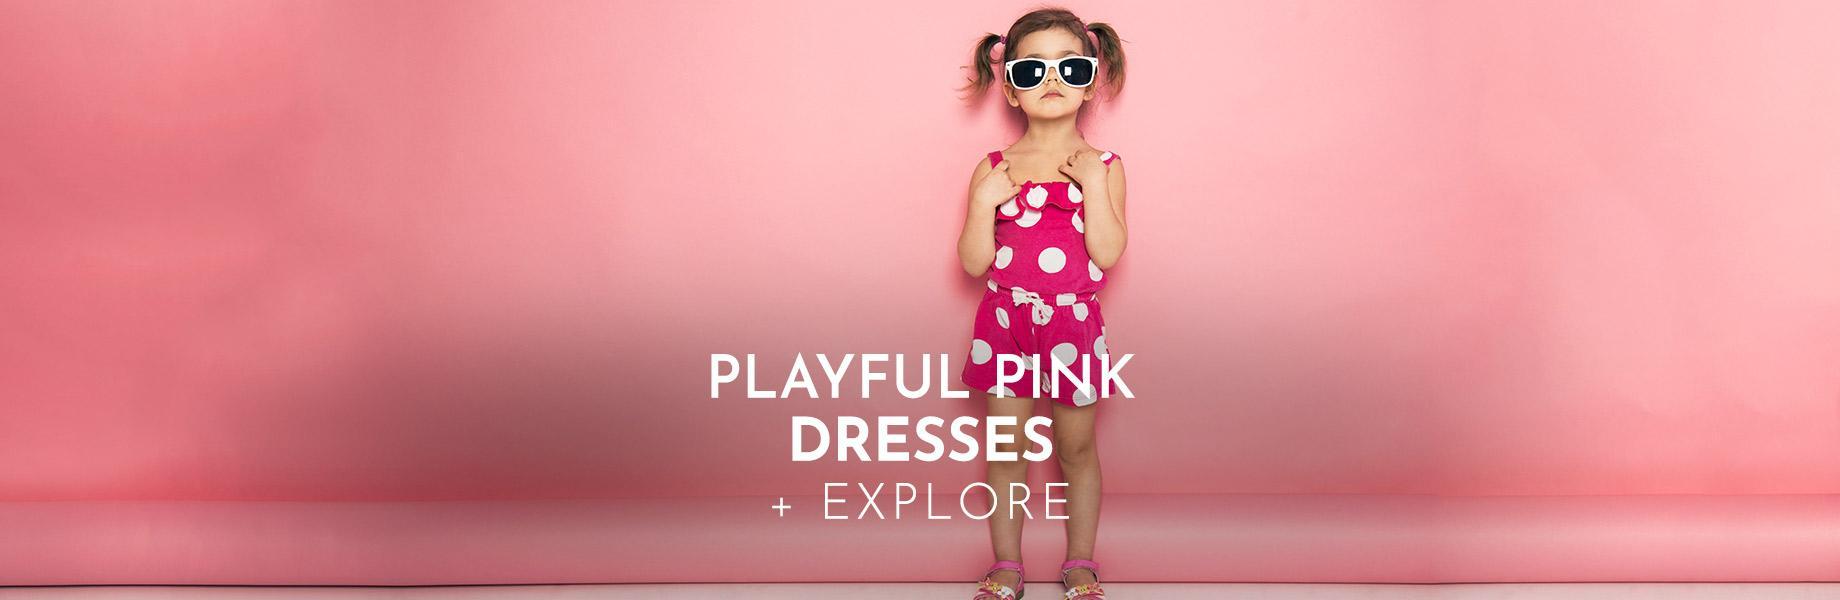 Playful-Pink